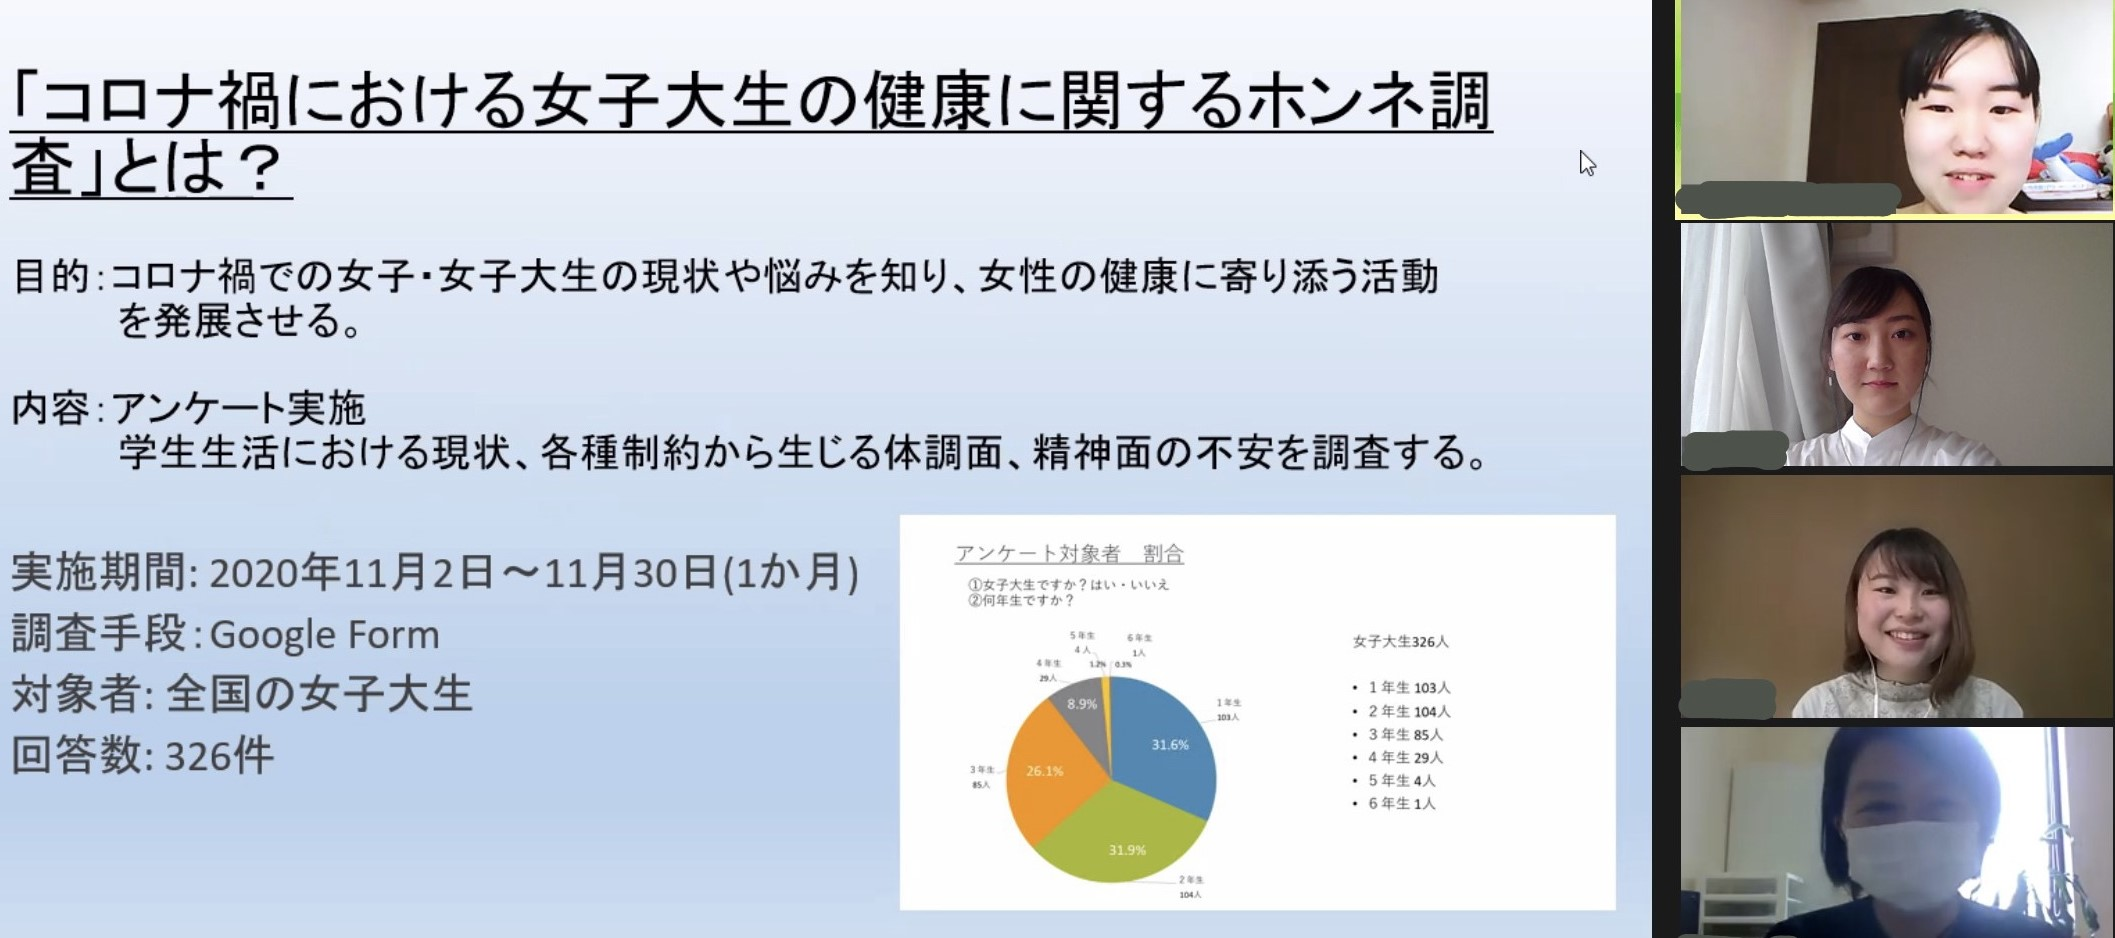 オンライン取材1.jpg